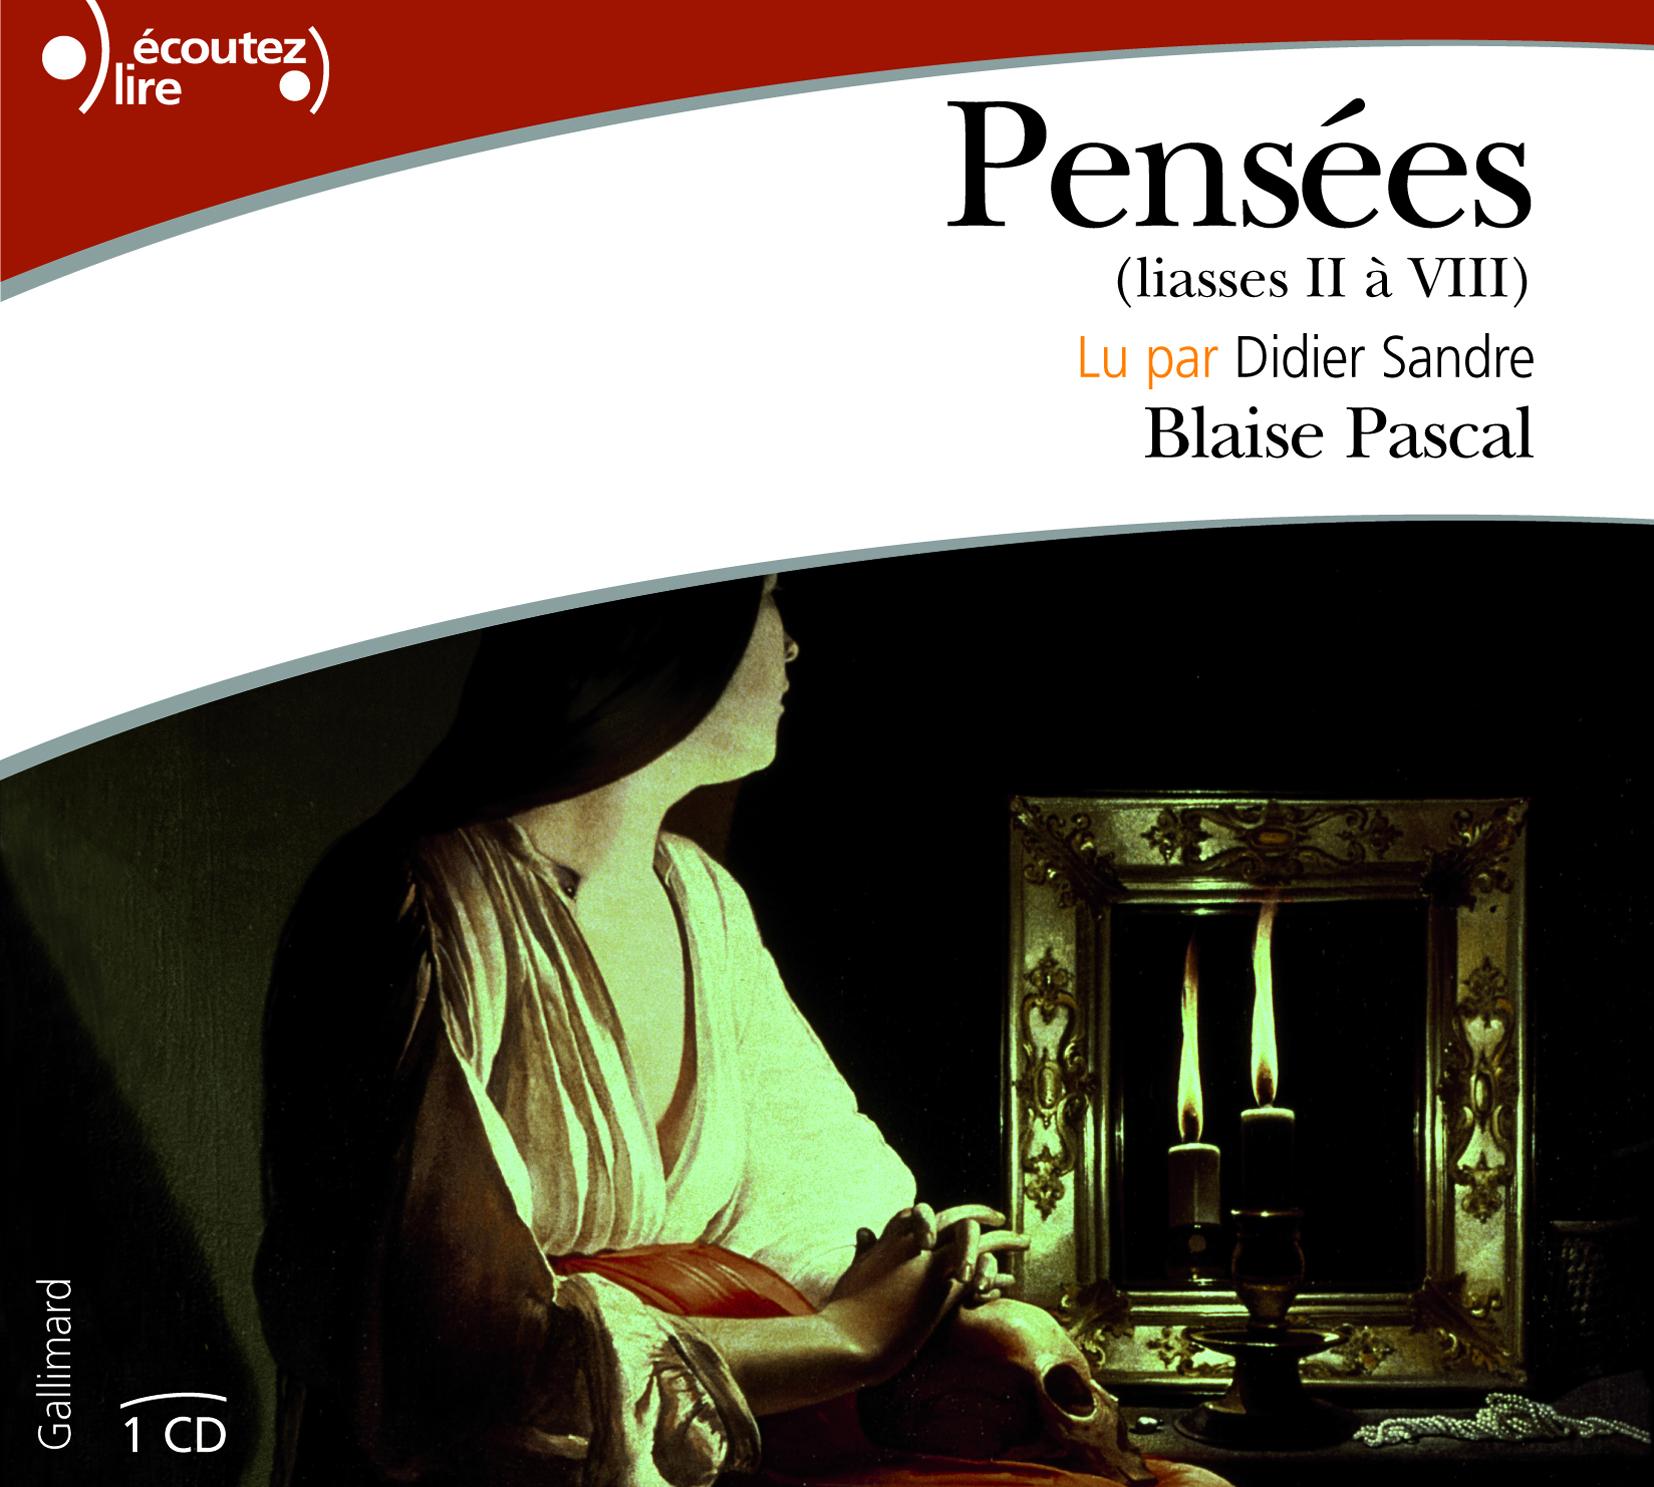 PENSEES CD